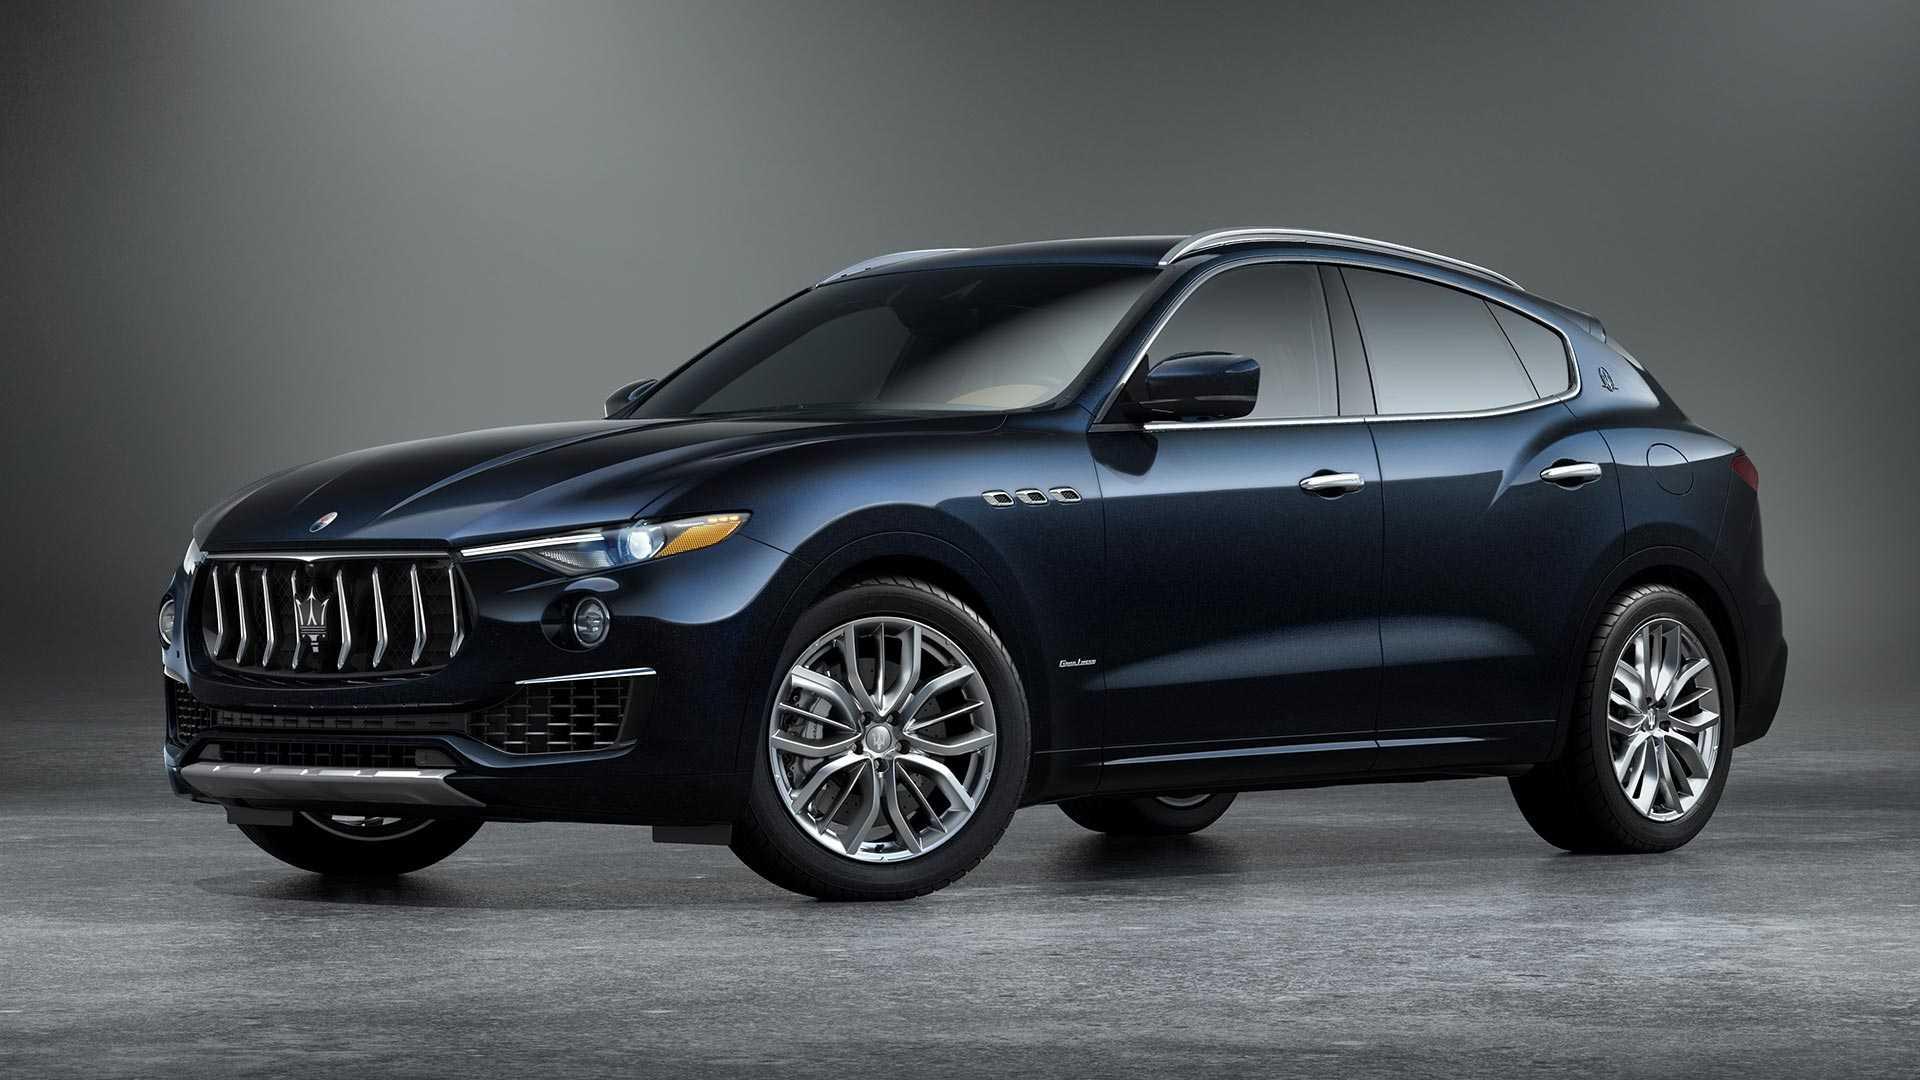 Maserati_Levante_Edizione_Nobile_package_0000